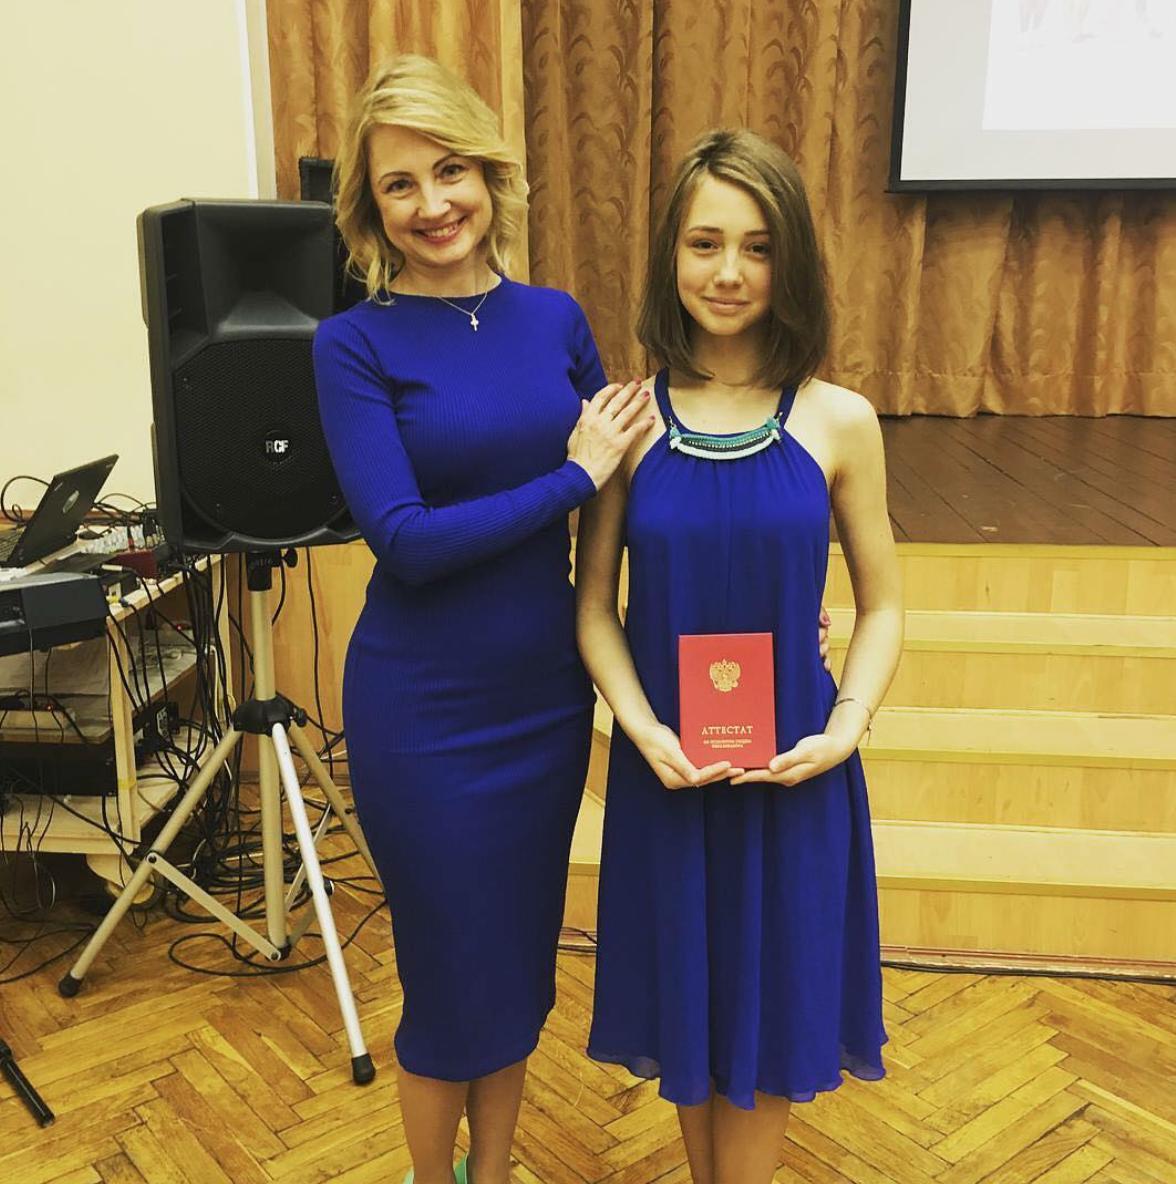 Самая молодая звезда «Папиных дочек» Екатерина Старшова с отличием окончила школу (ФОТО)